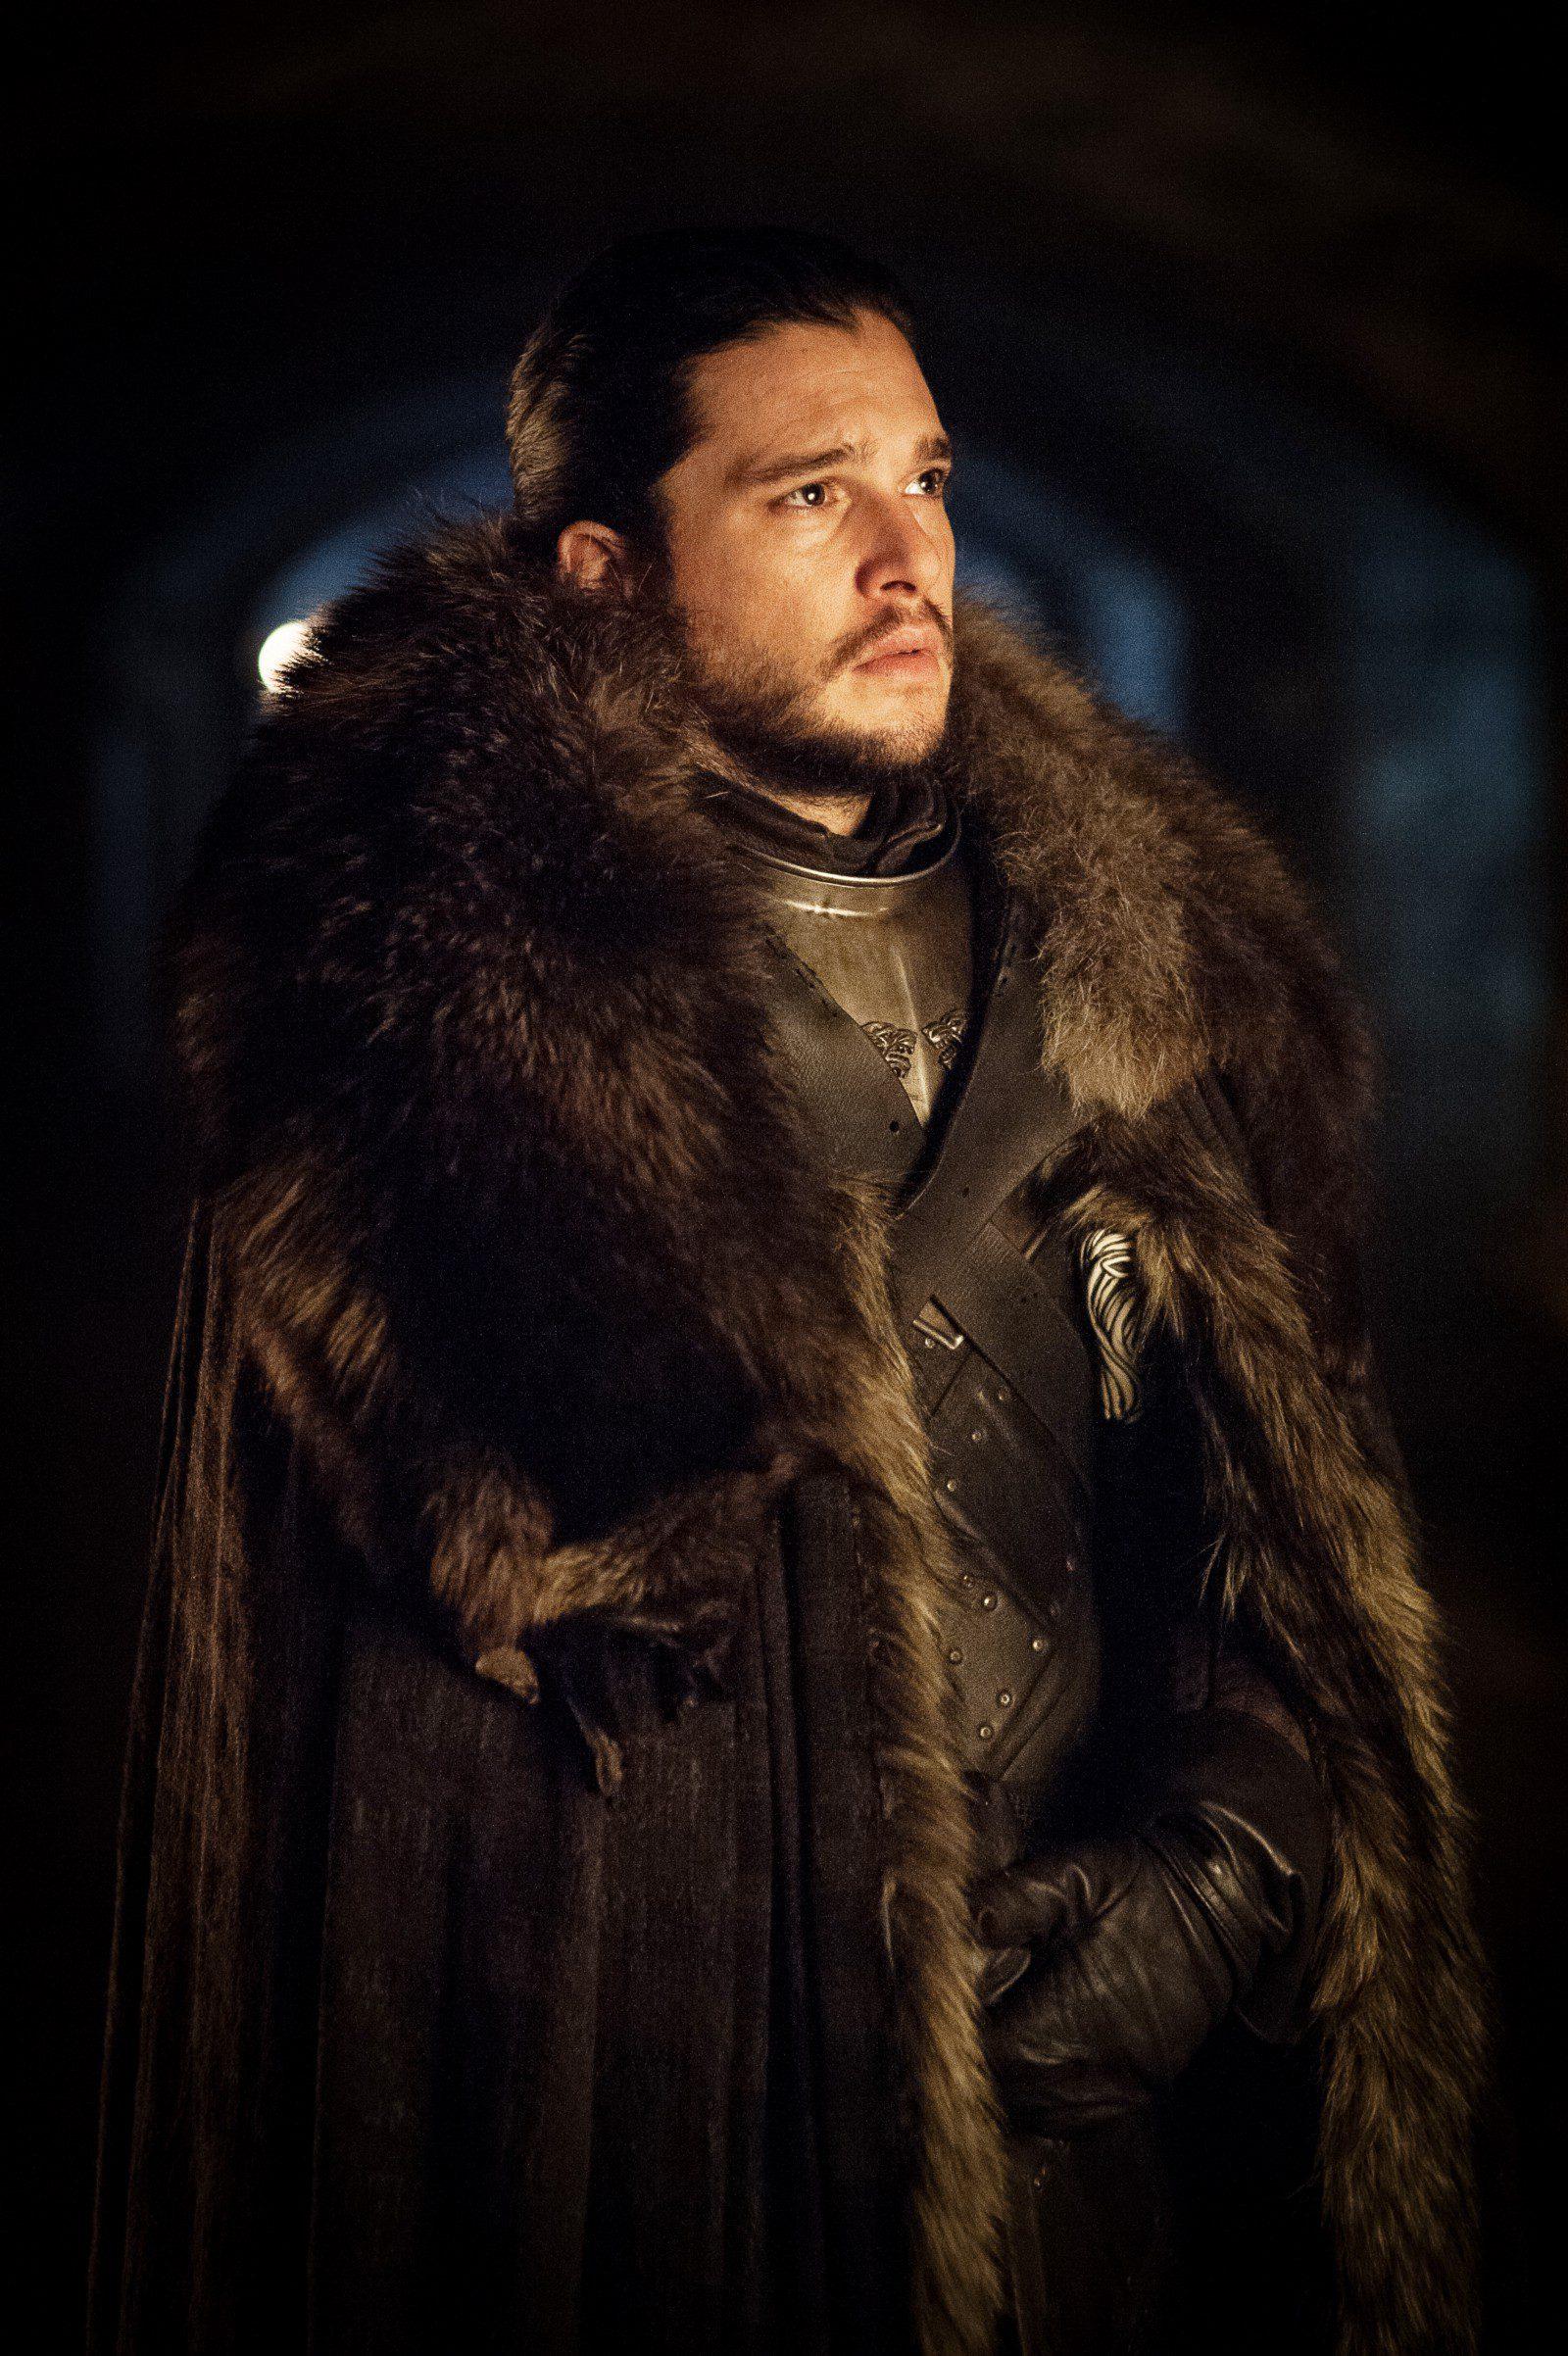 Jon Snow con cara de preocupación